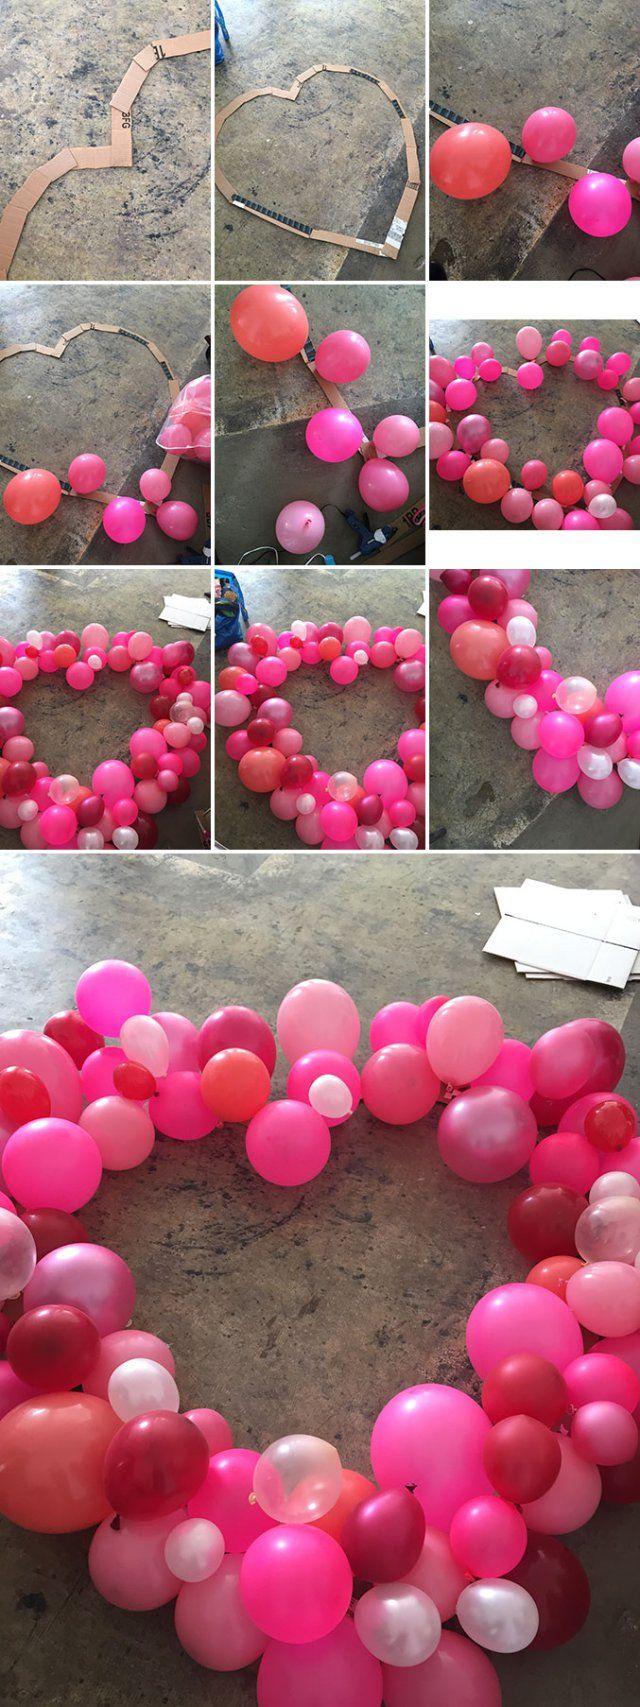 步驟到化妝氣球心臟